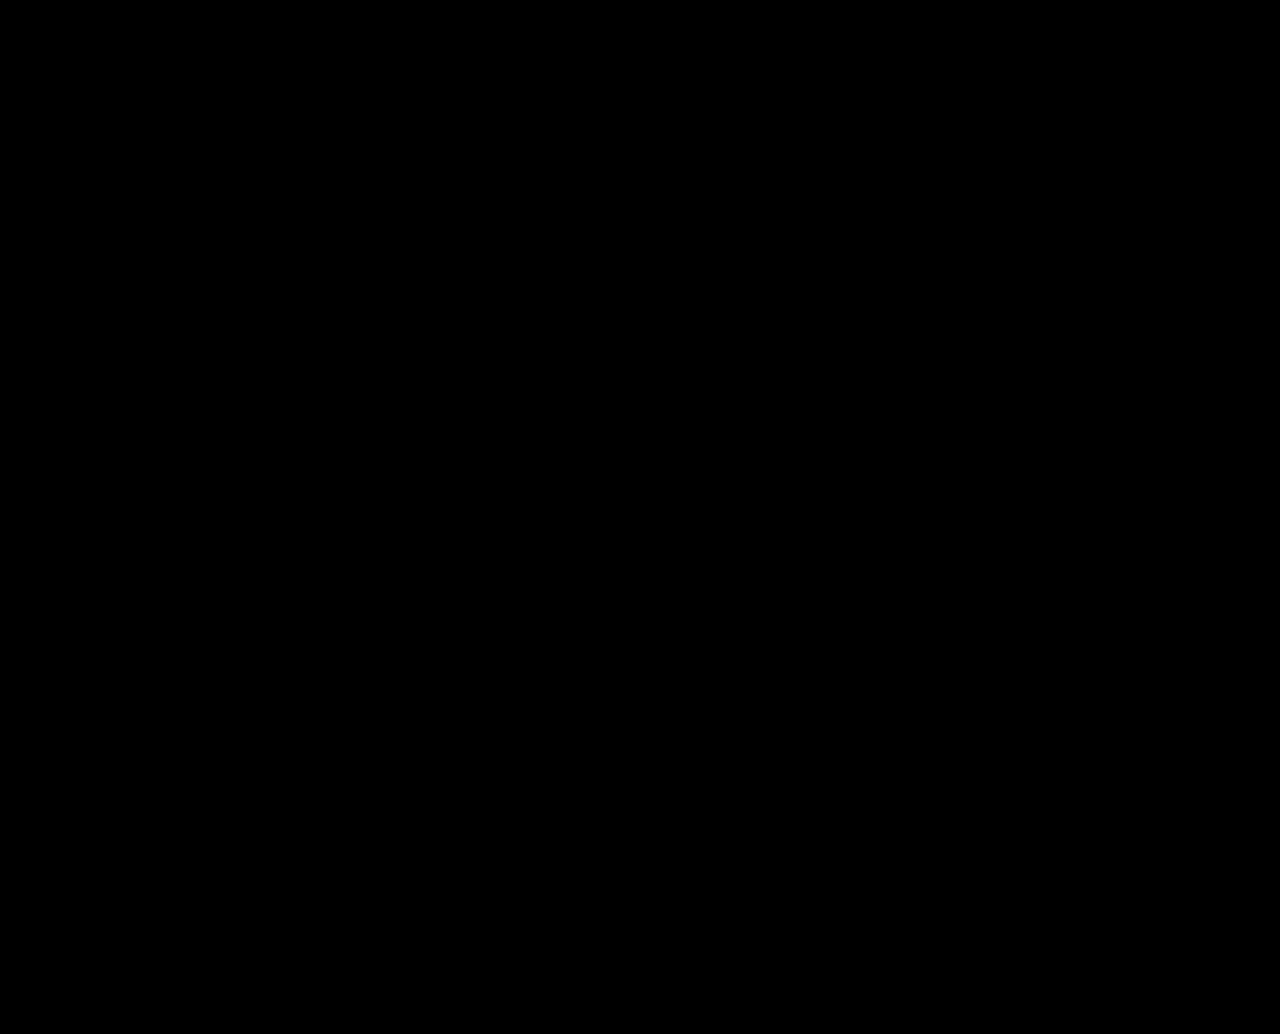 おすすめ卓球漫画5選!!ジャンプ連載作品からギャグ漫画まで幅広くご紹介!